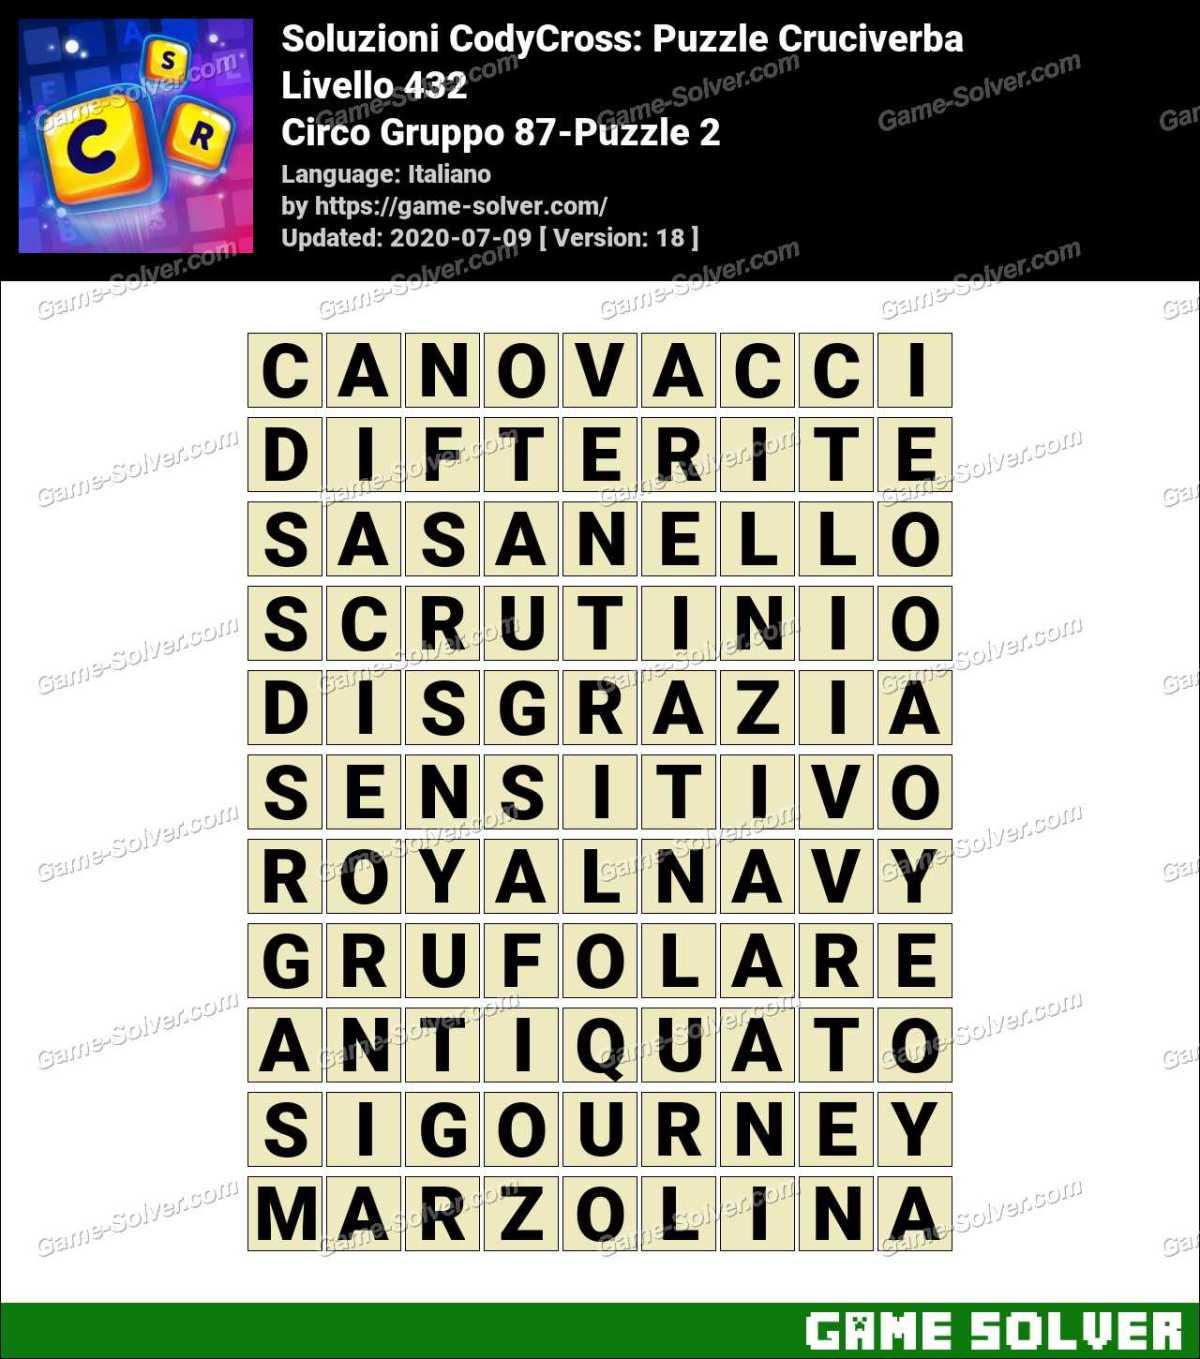 Soluzioni CodyCross Circo Gruppo 87-Puzzle 2